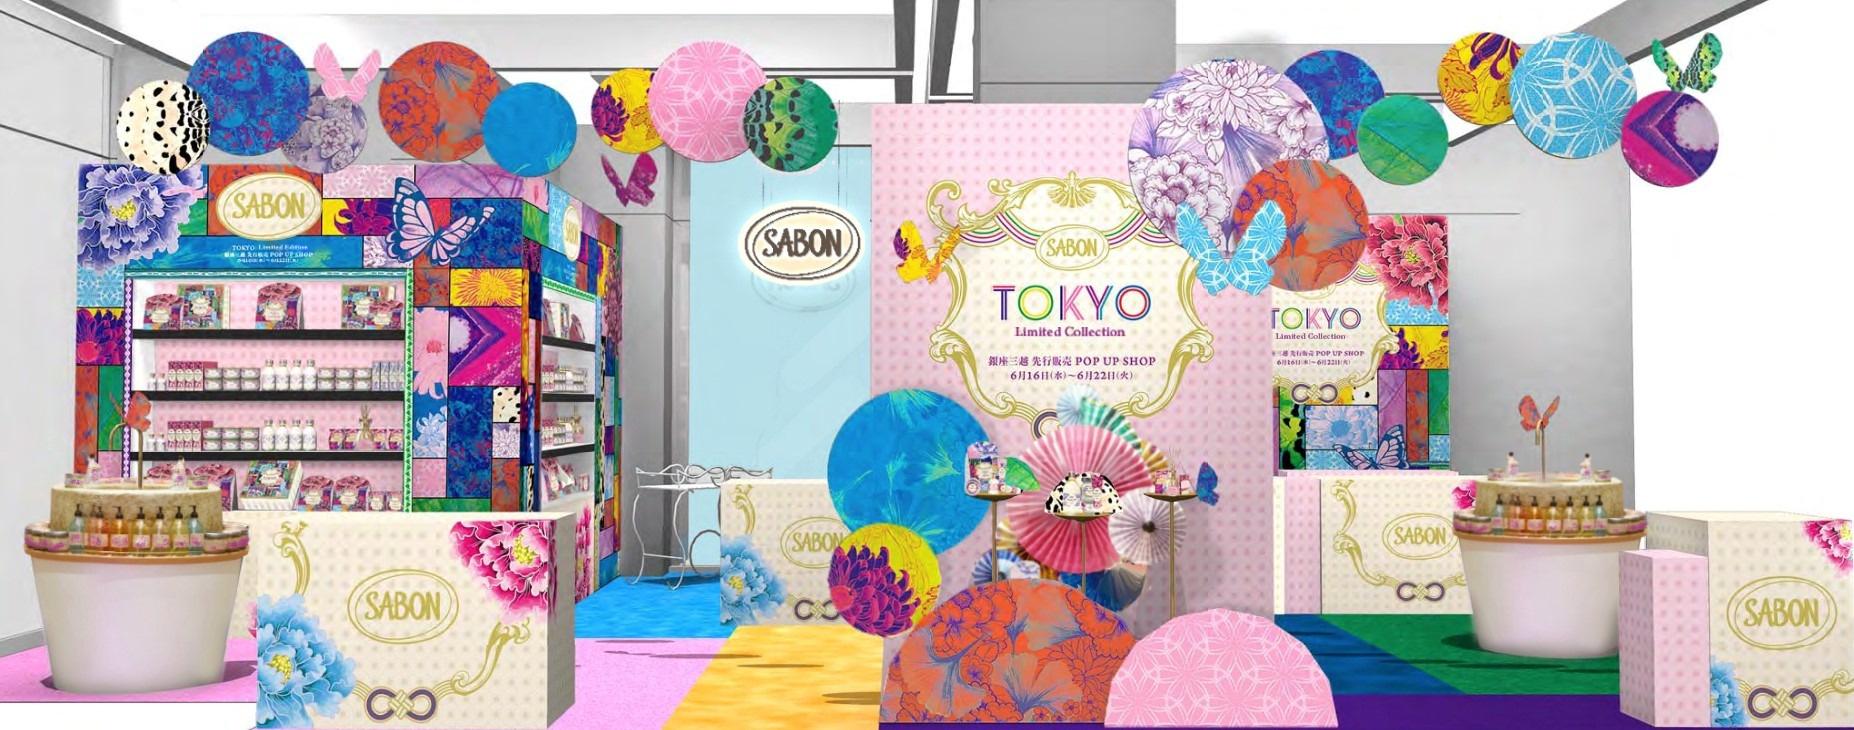 TOKYO Limited Collection 銀座三越 先行販売 POP UP SHOP開催